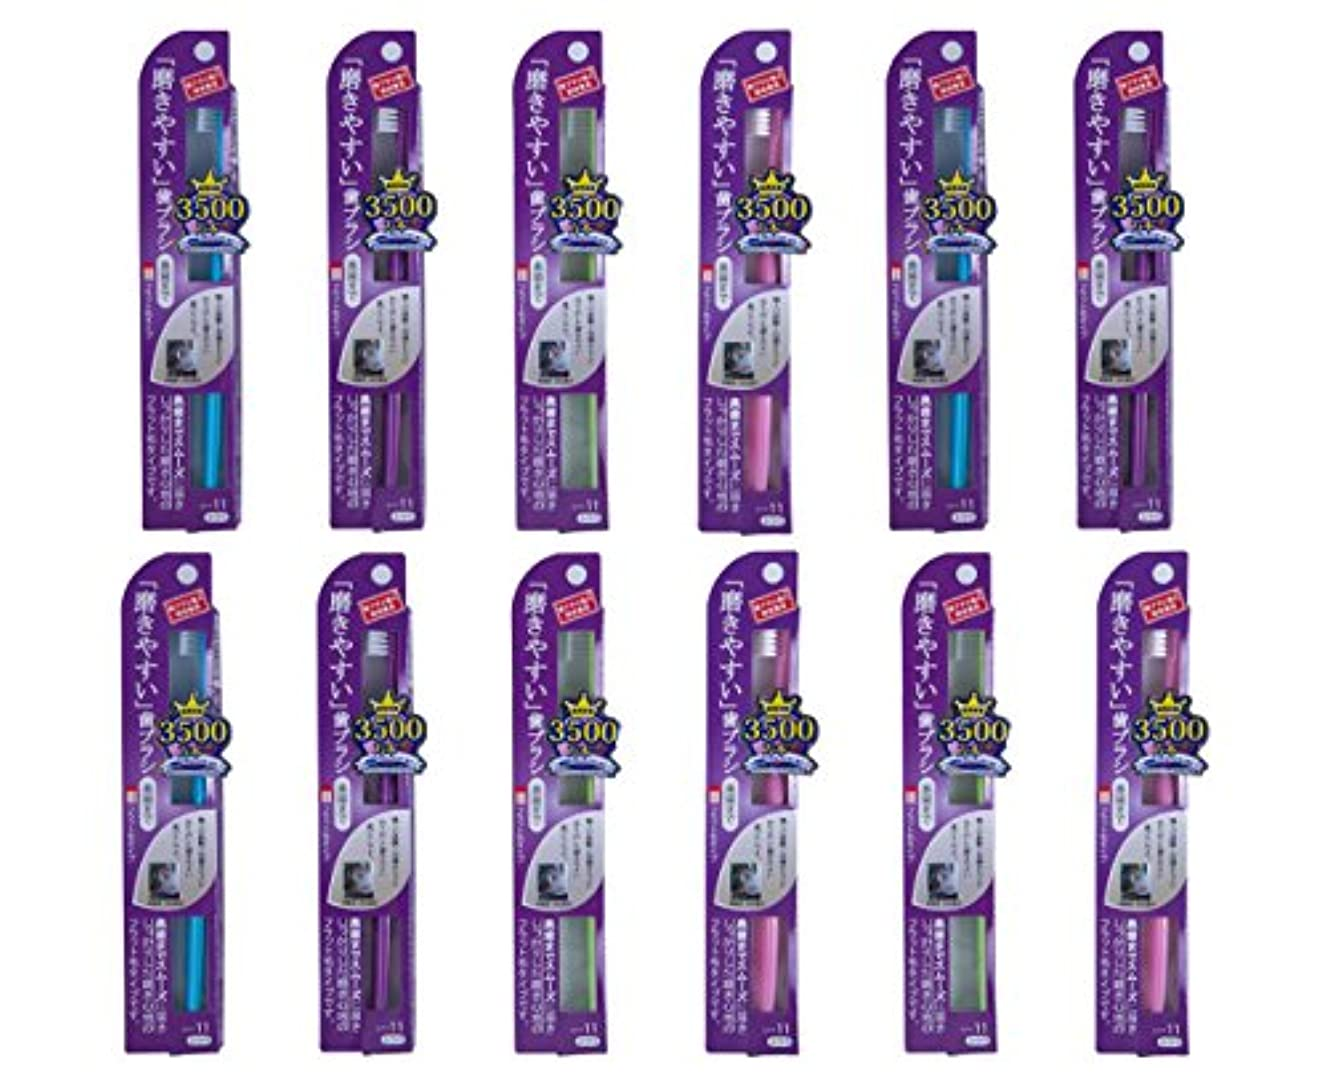 誇張節約する透明に歯ブラシ職人Artooth 田辺重吉 磨きやすい歯ブラシ フラット毛タイプ  LT-11 (12本パック)